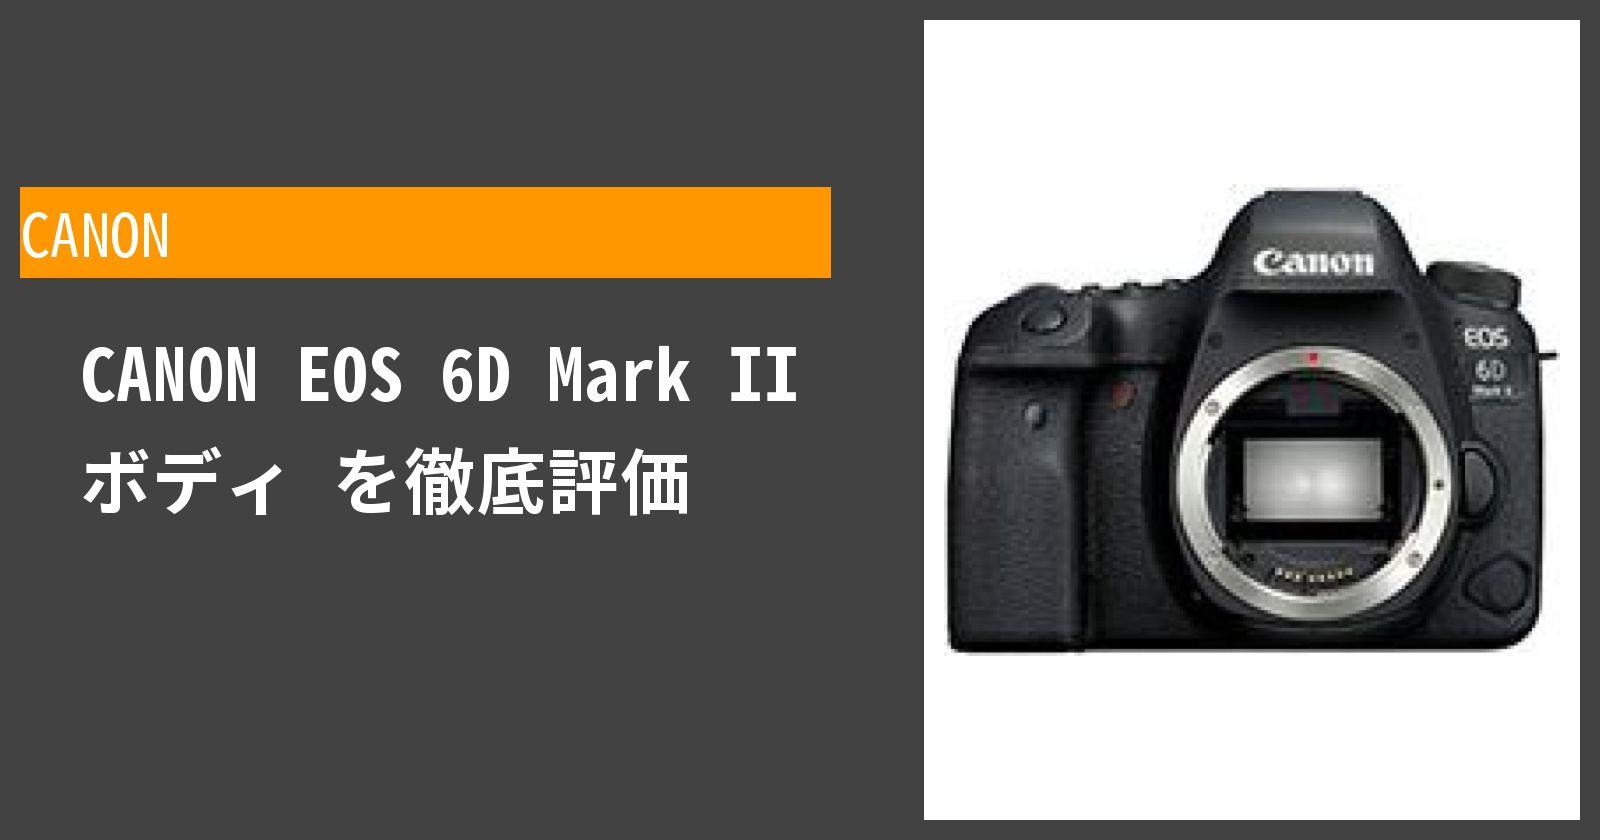 EOS 6D Mark II ボディを徹底評価